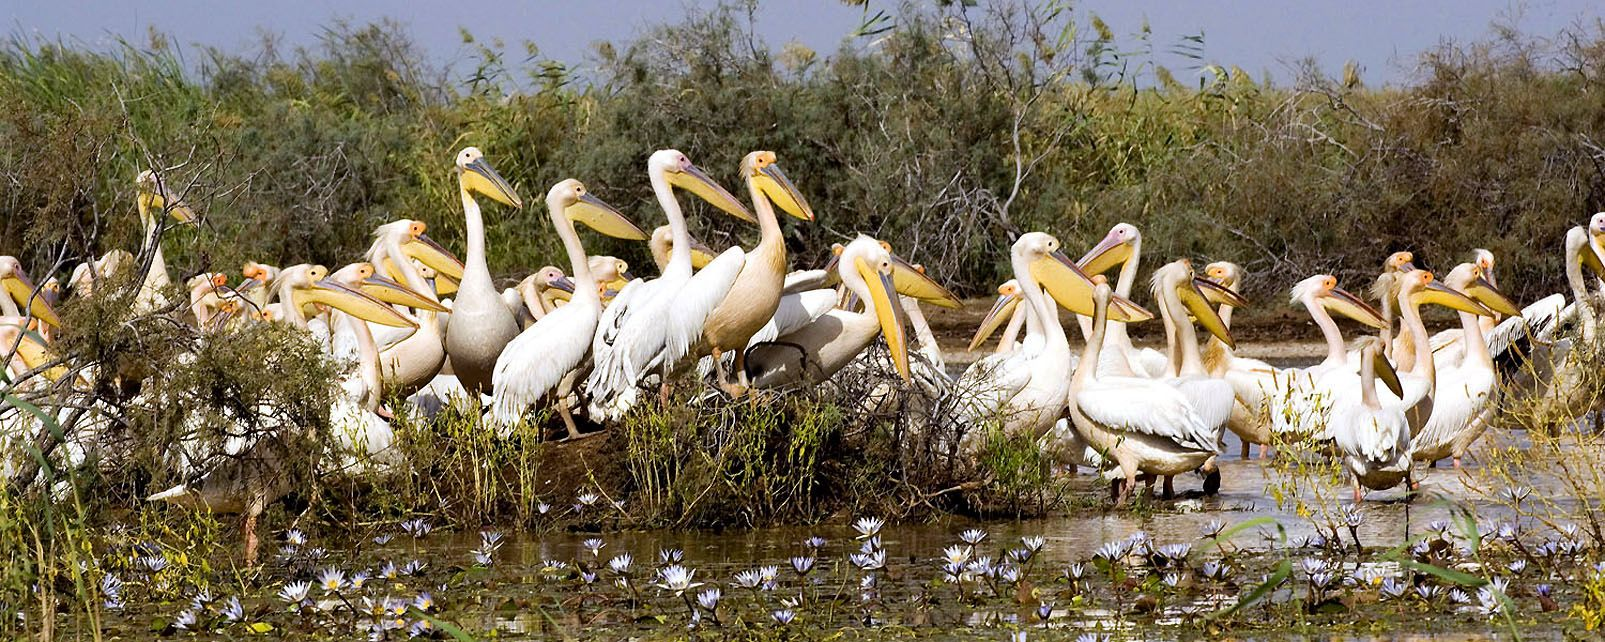 Djoudj-Nationalpark, Der Djoudj-Nationalpark, Die Fauna und Flora, Senegal